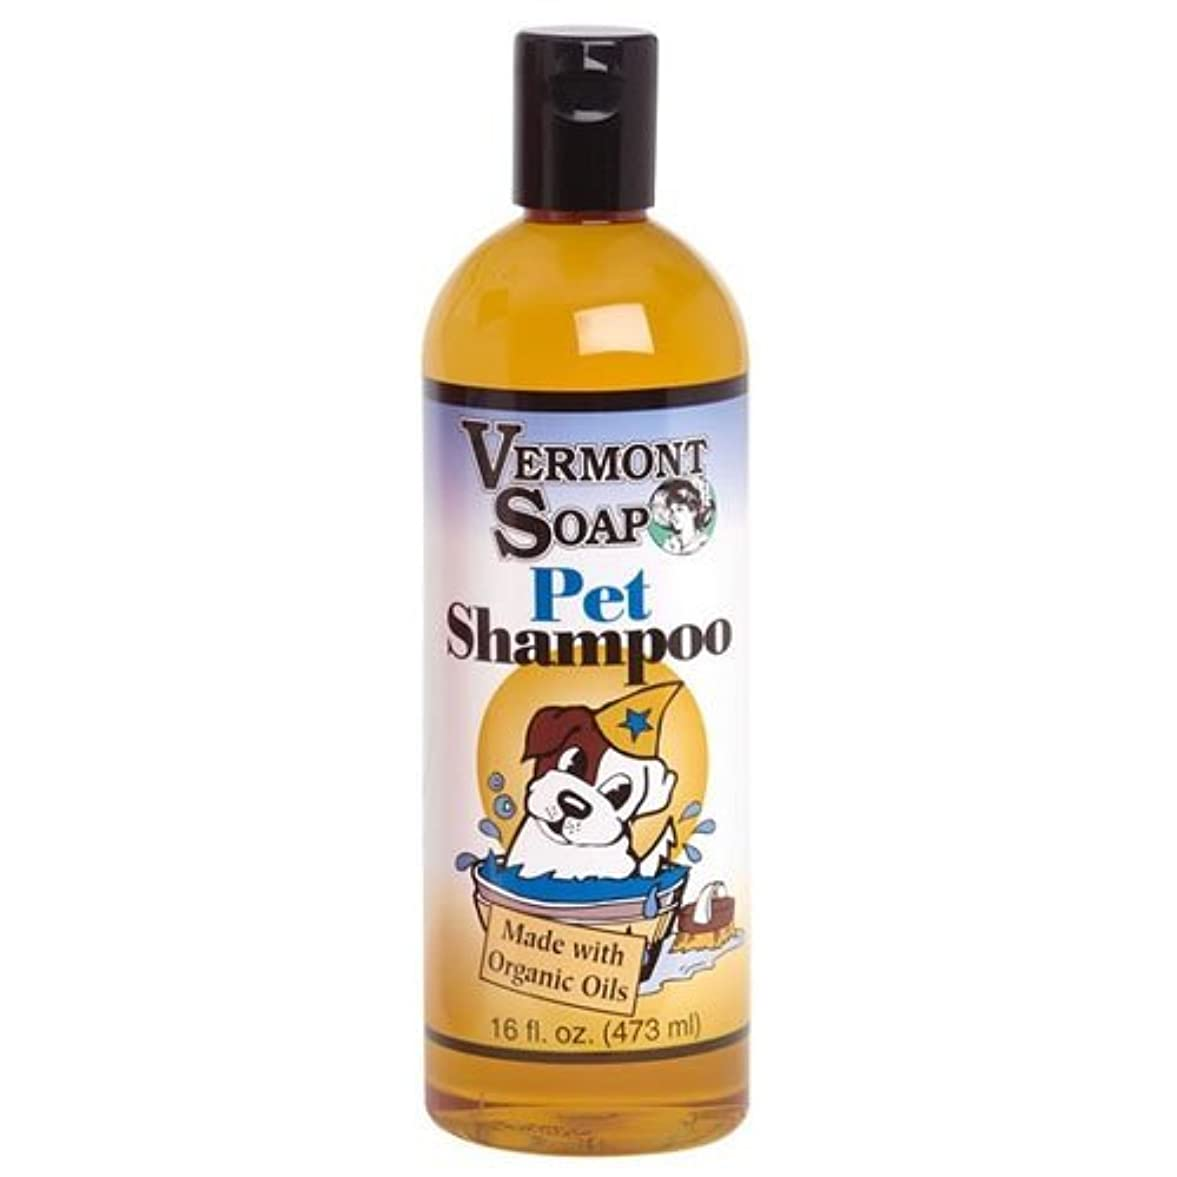 足話モデレータバーモントソープ オーガニック ペットシャンプー Pet Shampoo